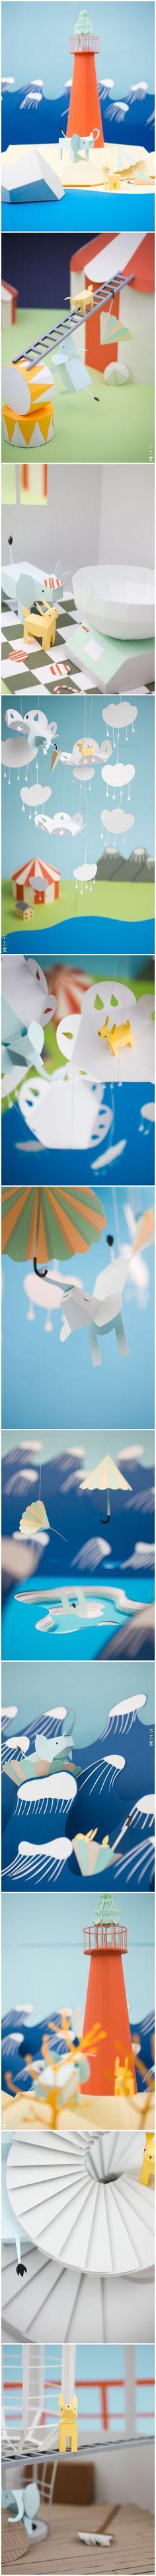 Little paper world • Petit monde de papier via surpirseDIY